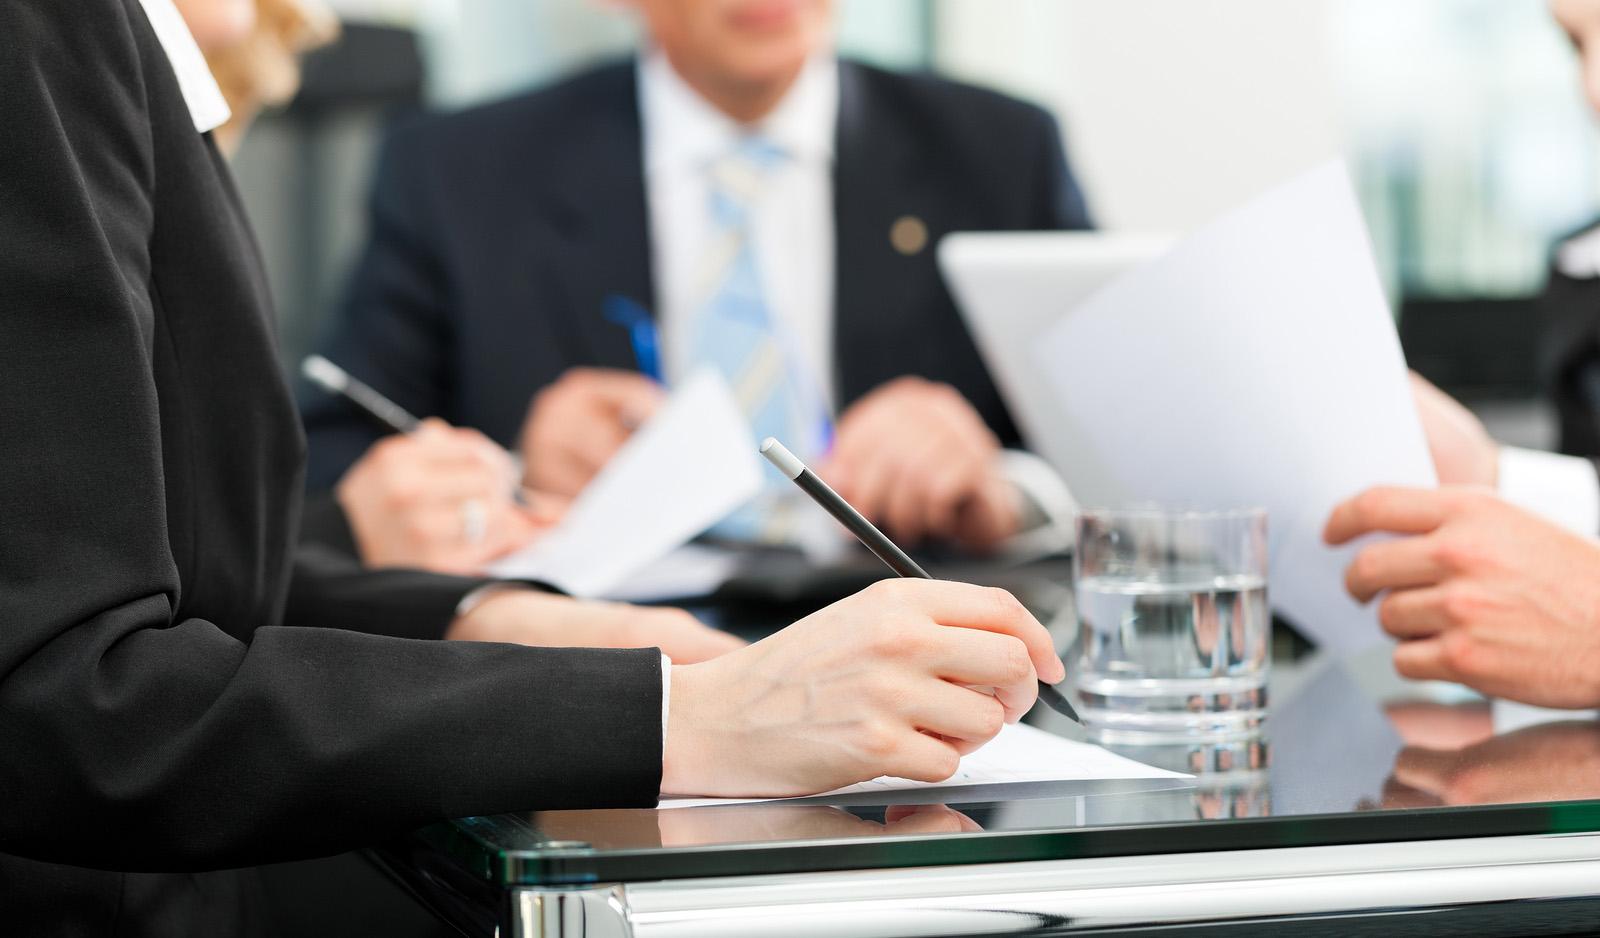 Prozessmanagement Seminar - Nutzen, Einführung und Sicherung Ihrer Geschäftsprozesse